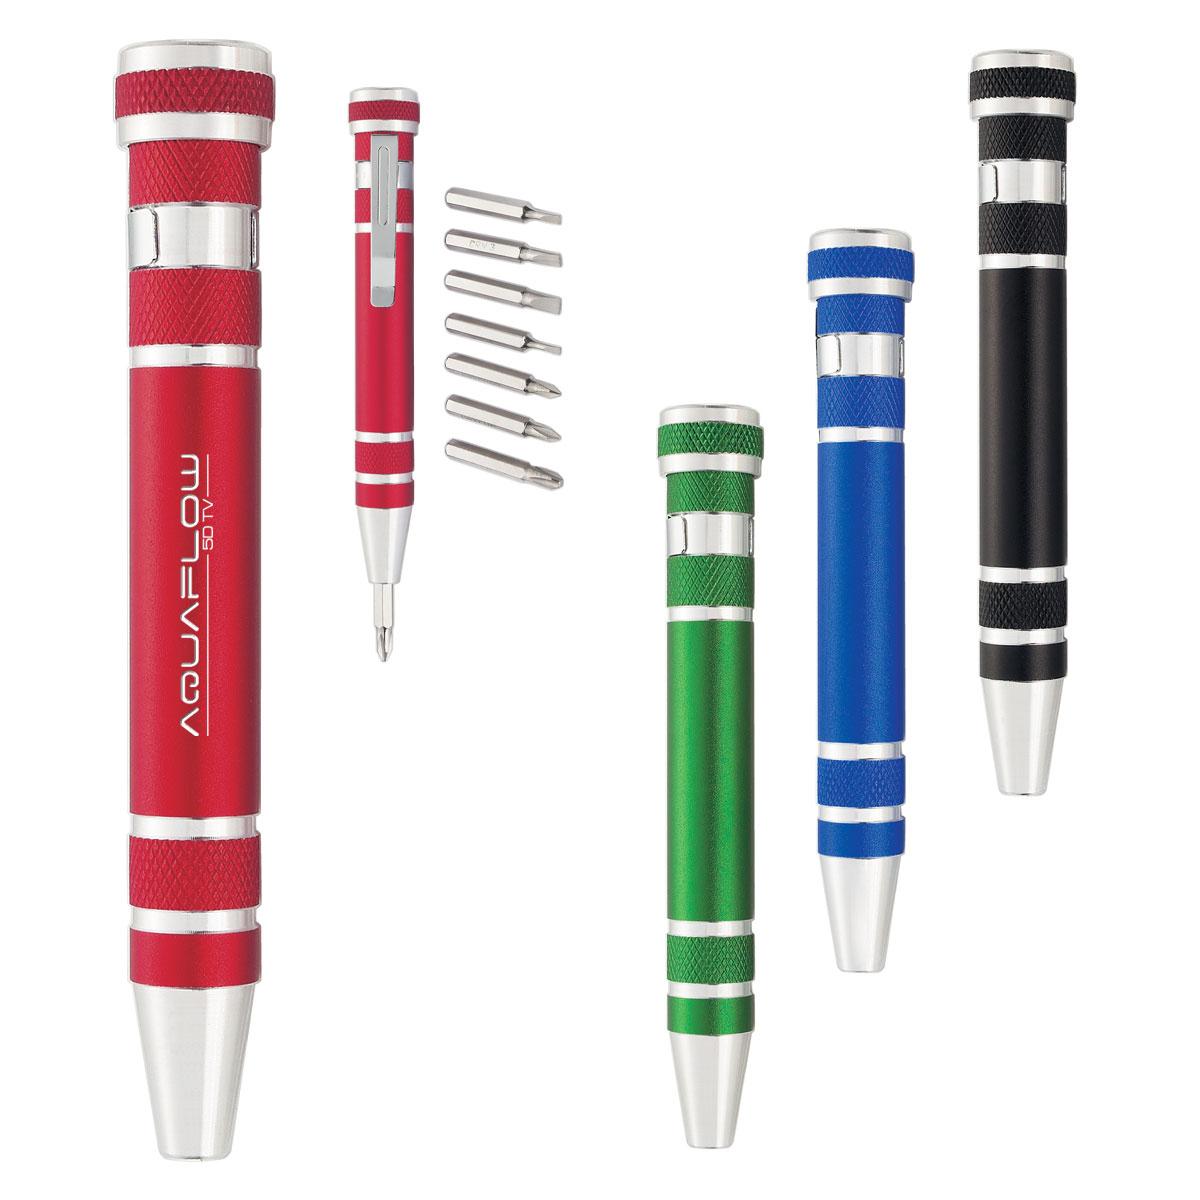 #CM 7210 - 8-In-1 Aluminum Multi-Tool Kit